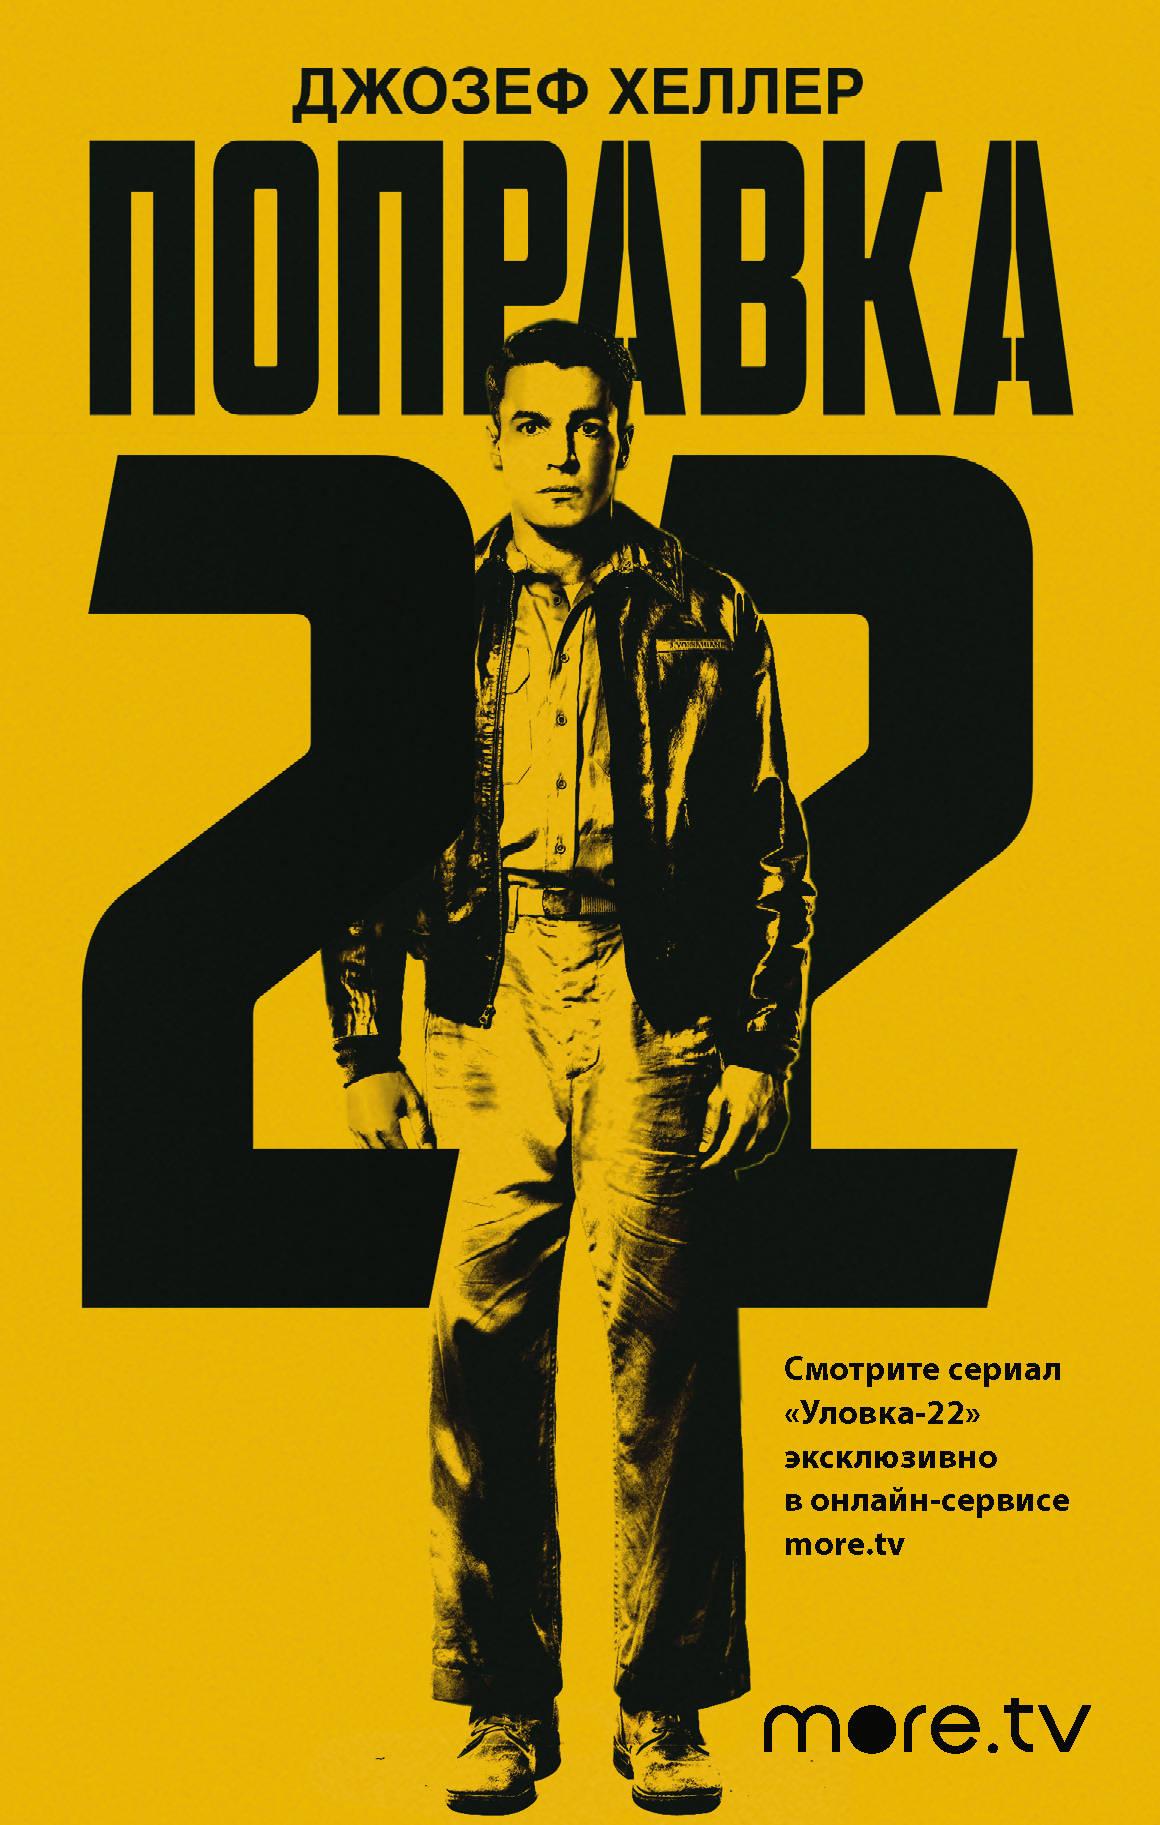 Popravka-22